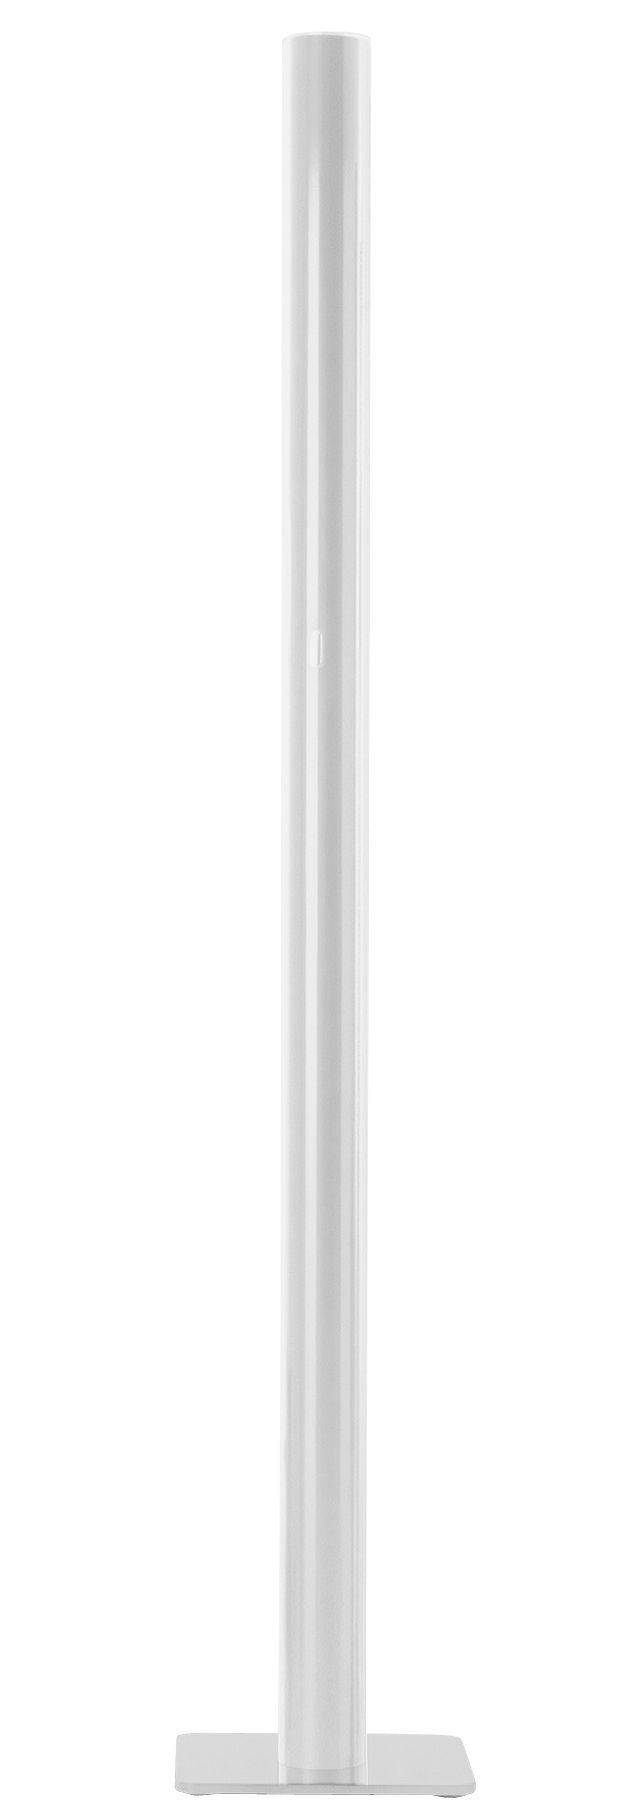 Luminaire - Lampadaires - Lampadaire Ilio LED / Bluetooth - H 175 cm - Artemide - Blanc - Acier peint, Aluminium peint